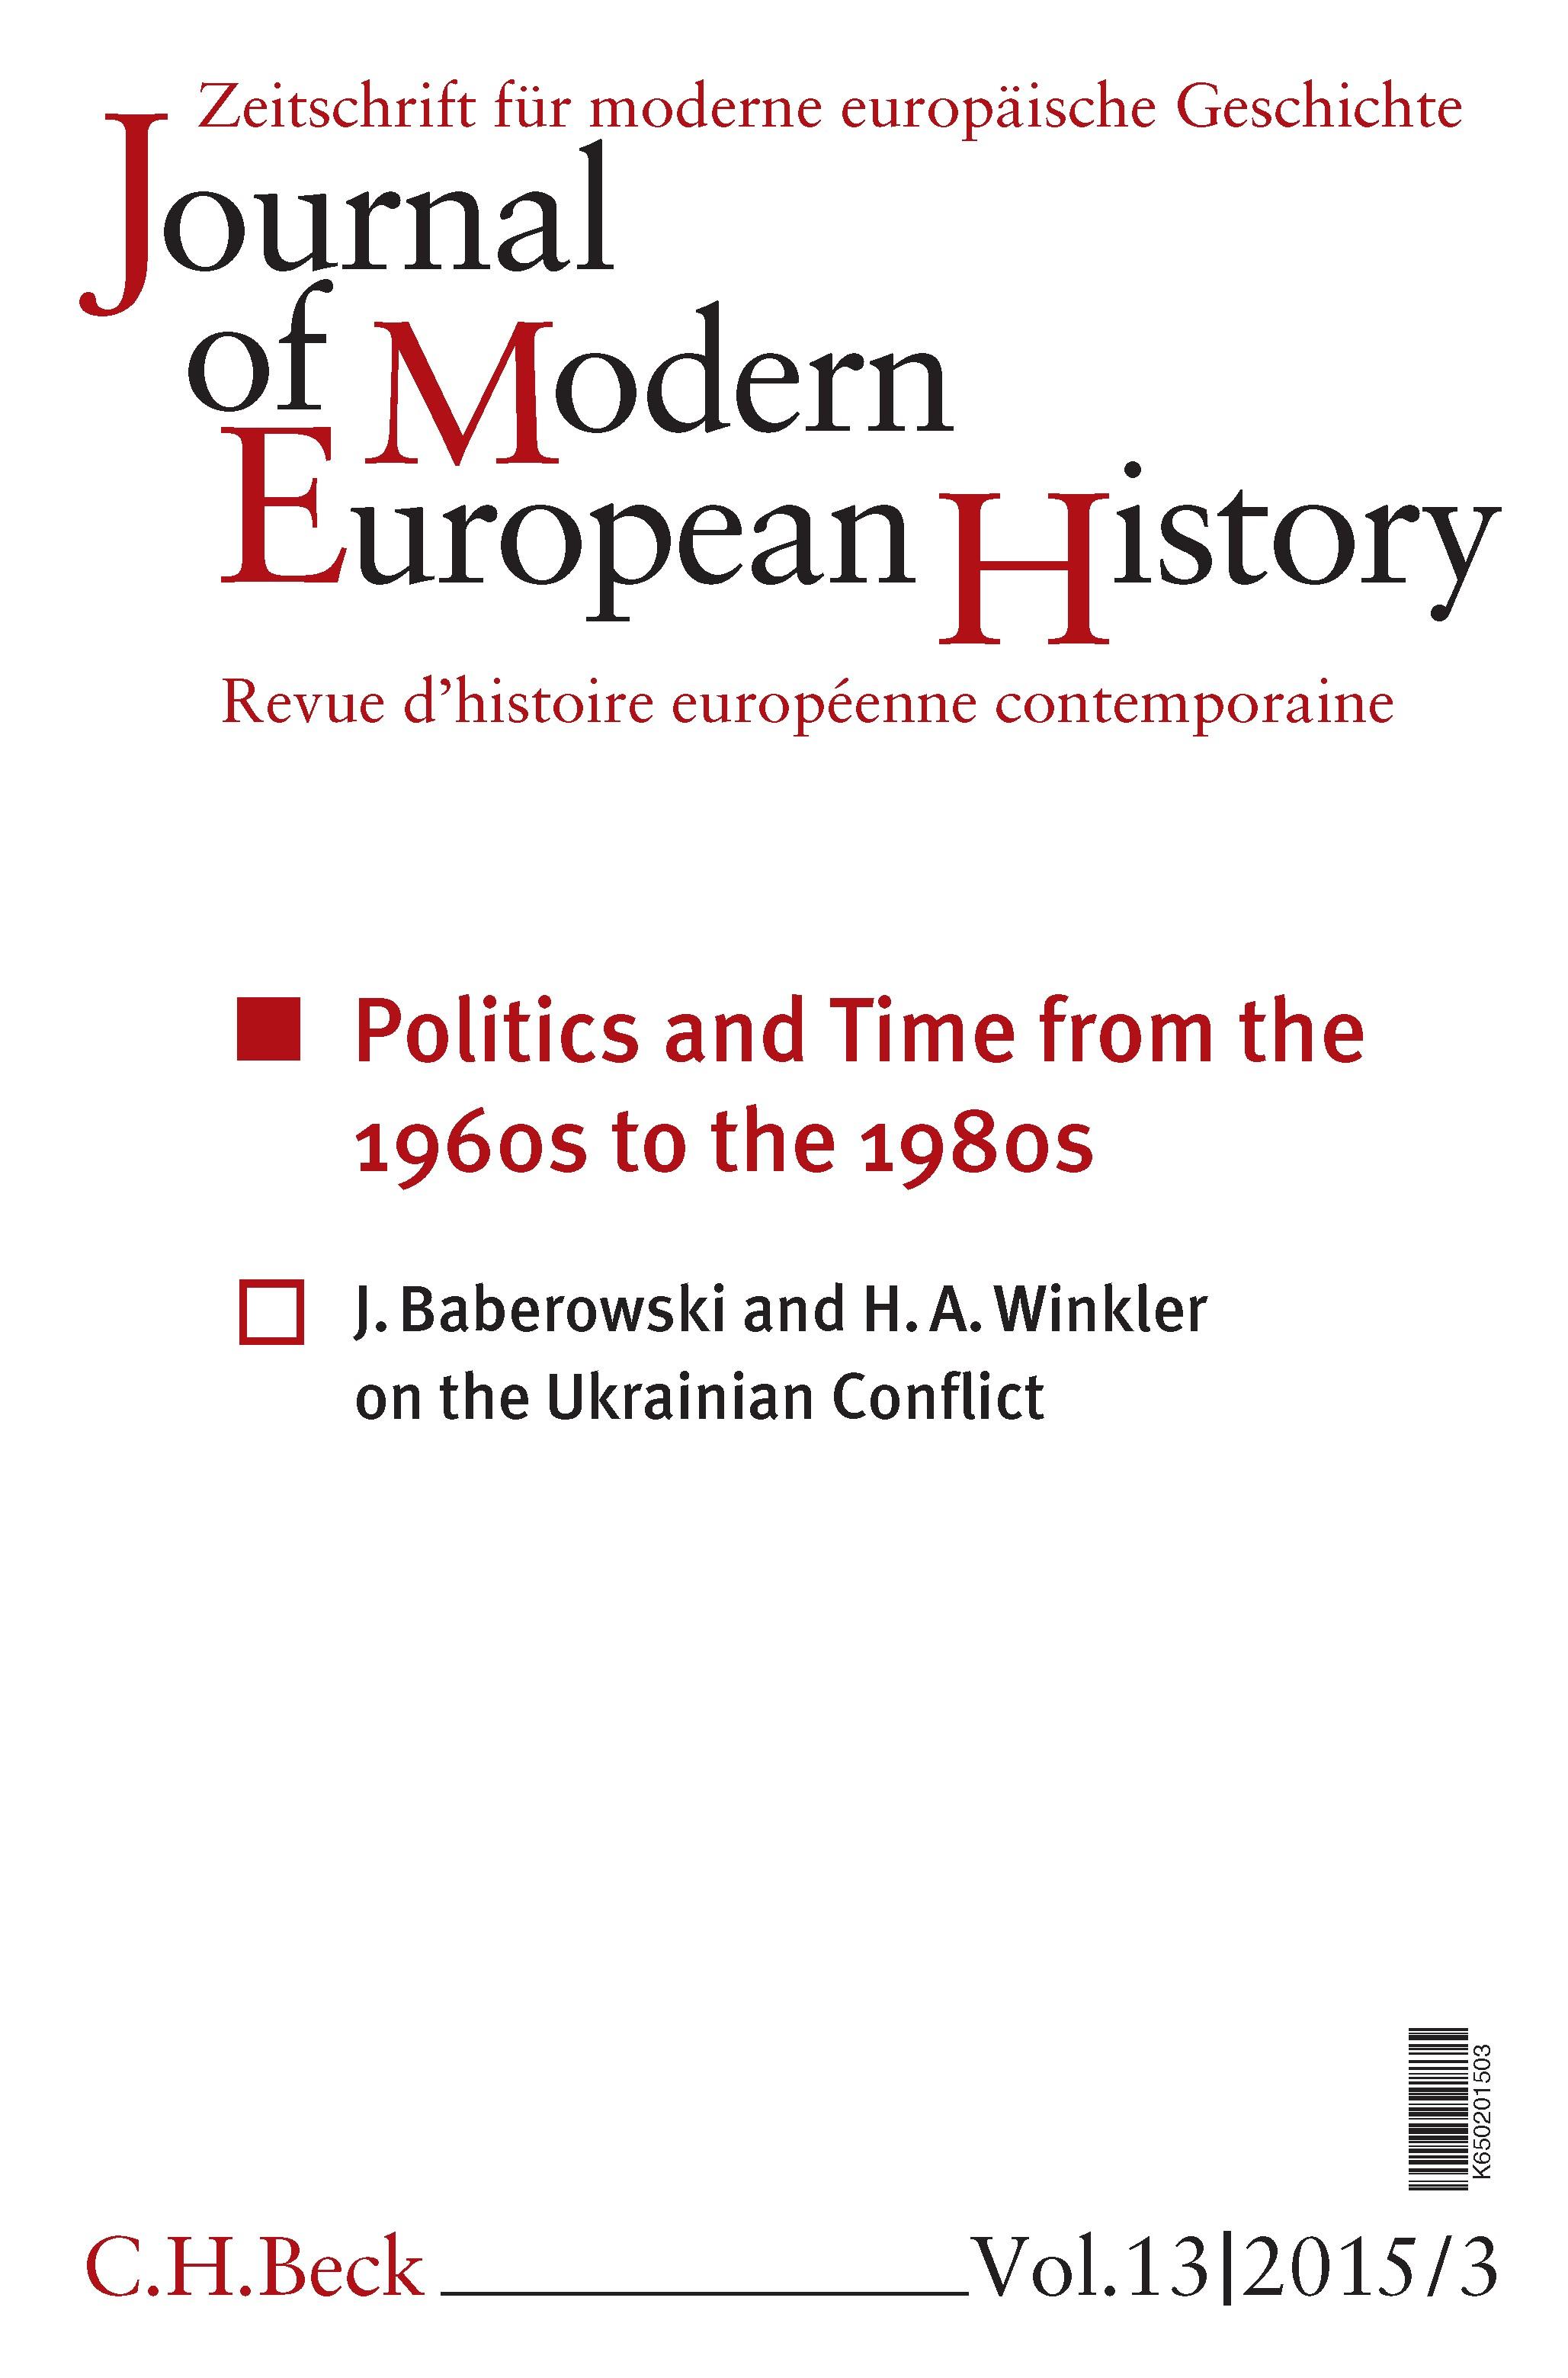 Cover des Buches 'Journal of Modern European History. Volume 13 (2015) Heft 3 = Zeitschrift für moderne europäische Geschichte = Revue d`histoire européenne contemporaine'